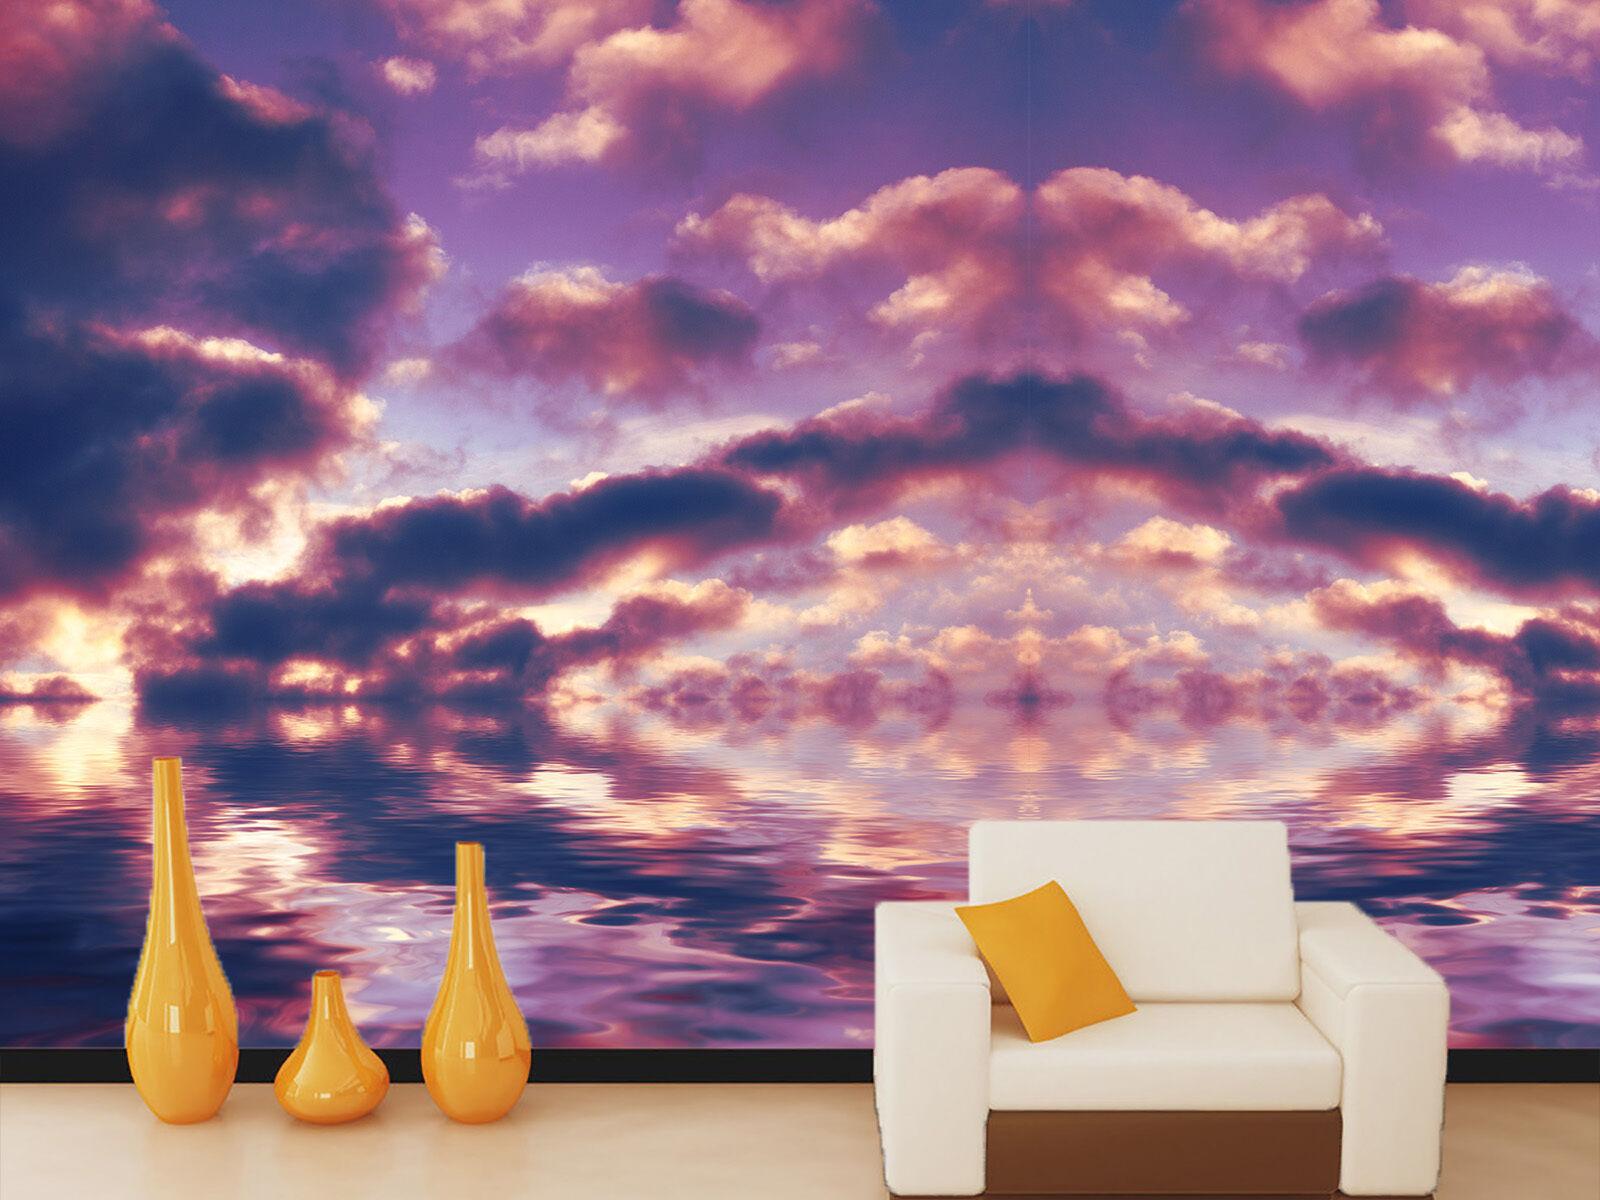 3D Lila wolken das Meer 47 Fototapeten Wandbild Fototapete BildTapete Familie DE